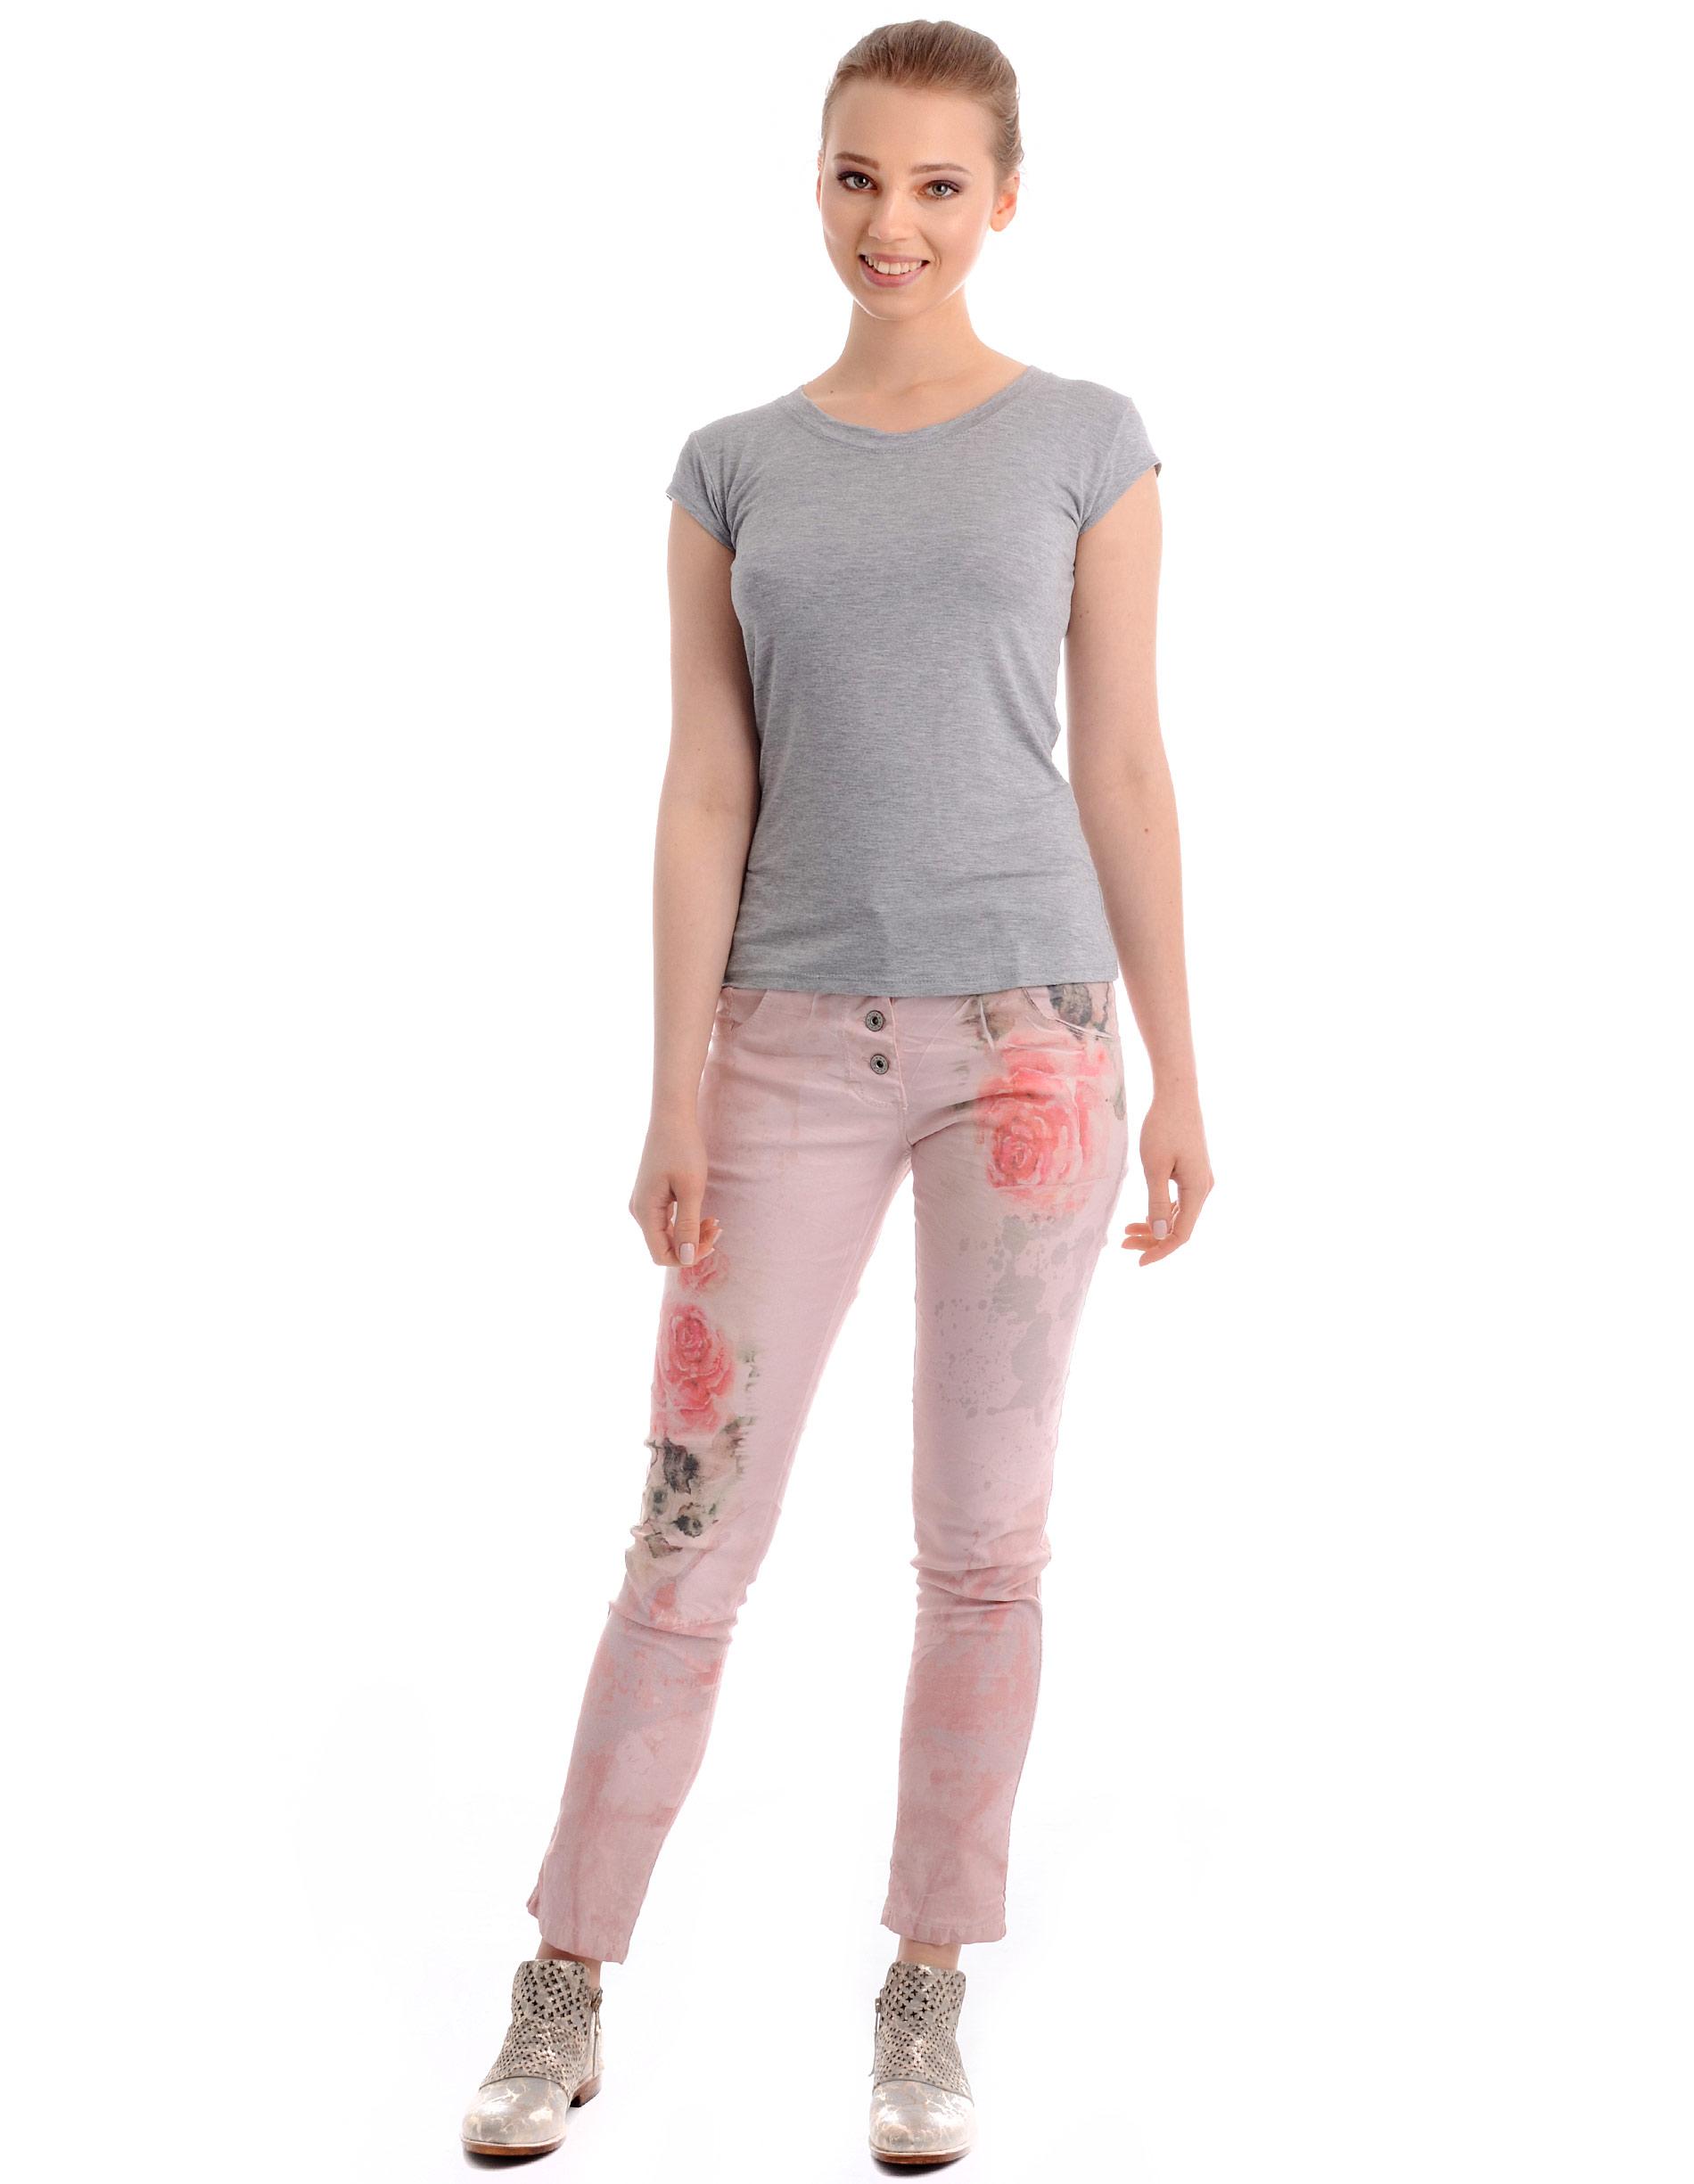 Spodnie - 104-1118R ROS - Unisono